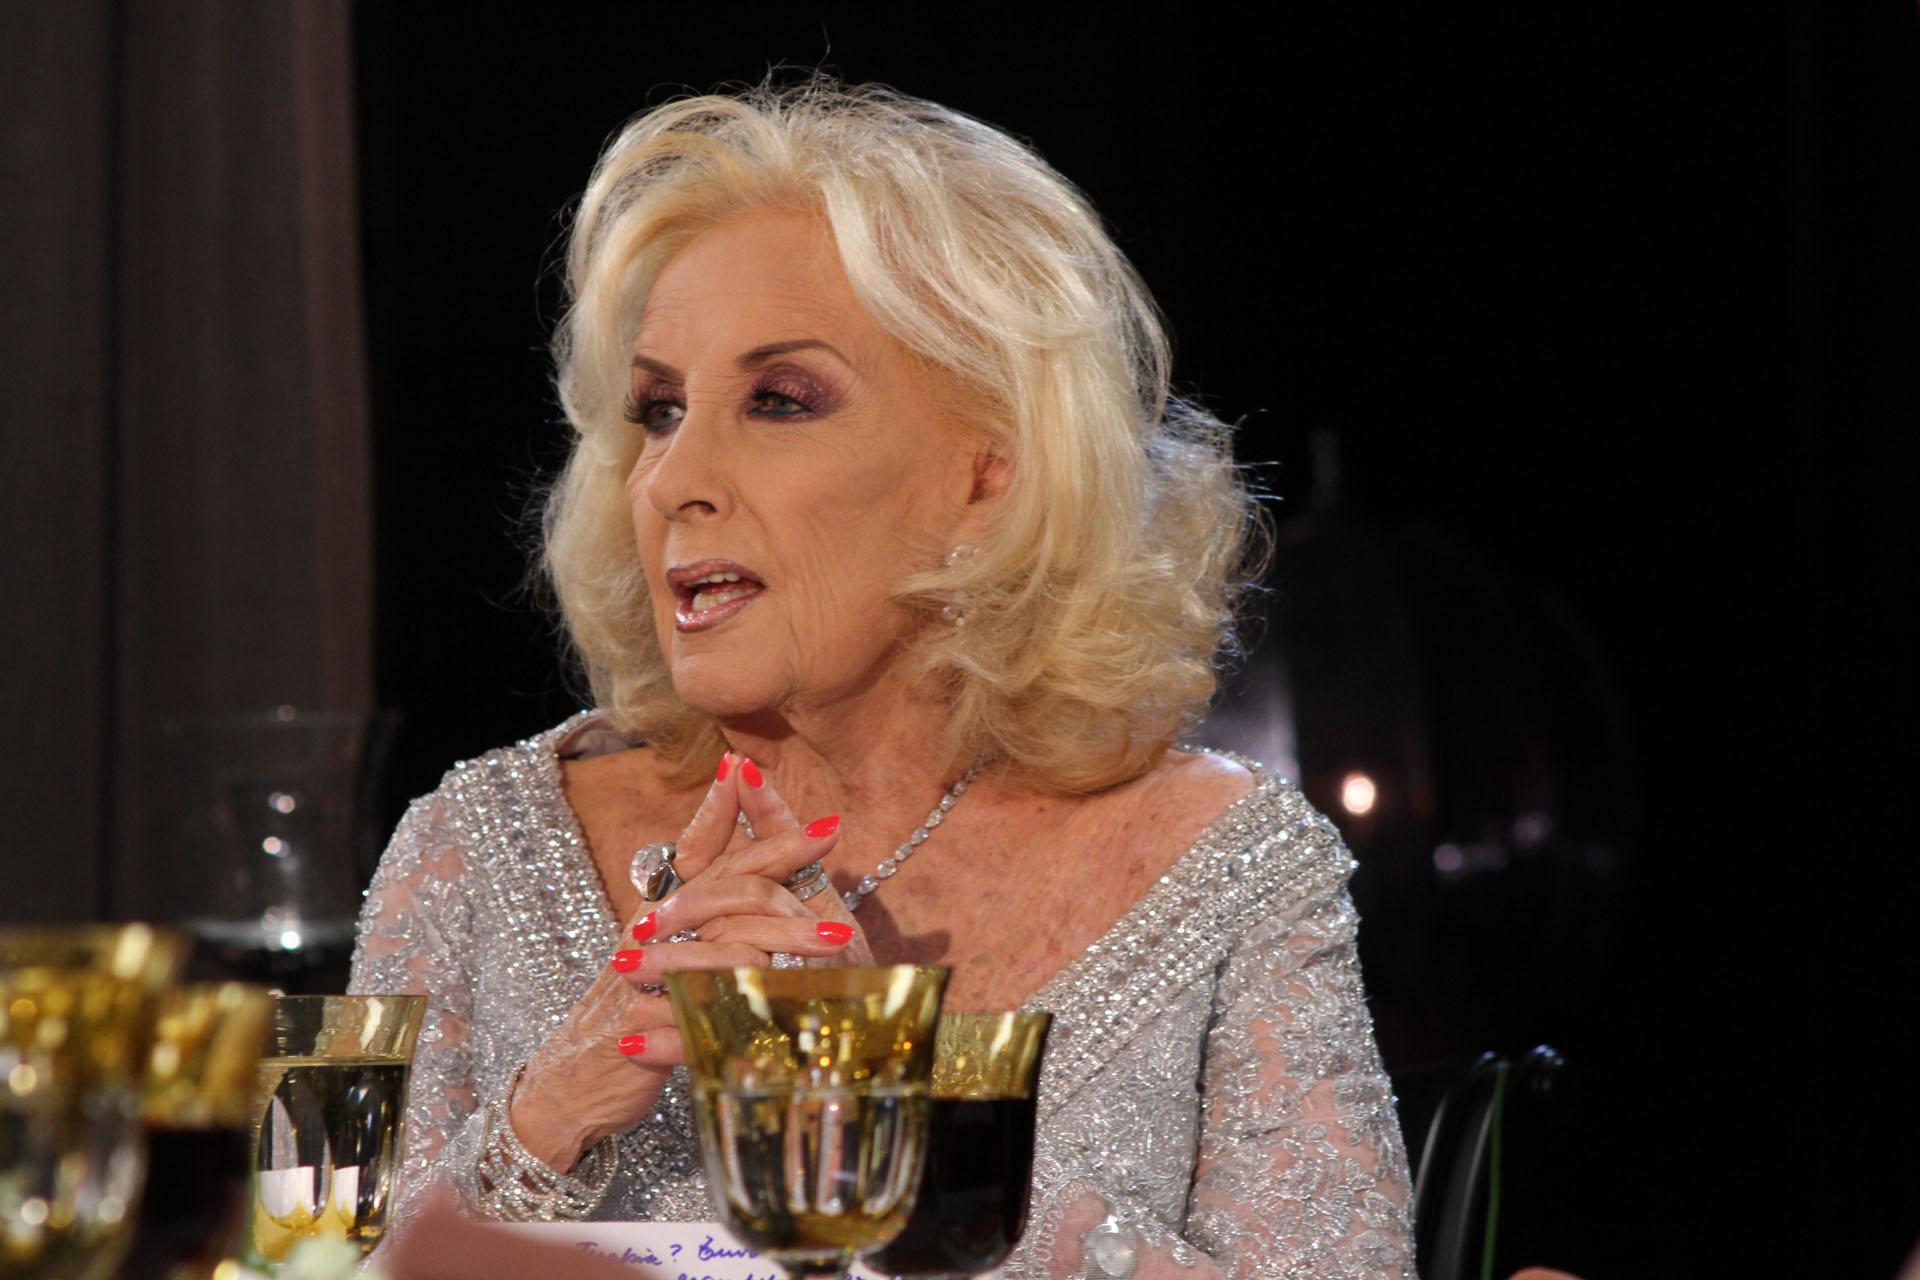 La diva escuchó muy atentamente a la gobernadora de Buenos Aires y hasta le pidió que se presentara como candidata en las elecciones presidenciales